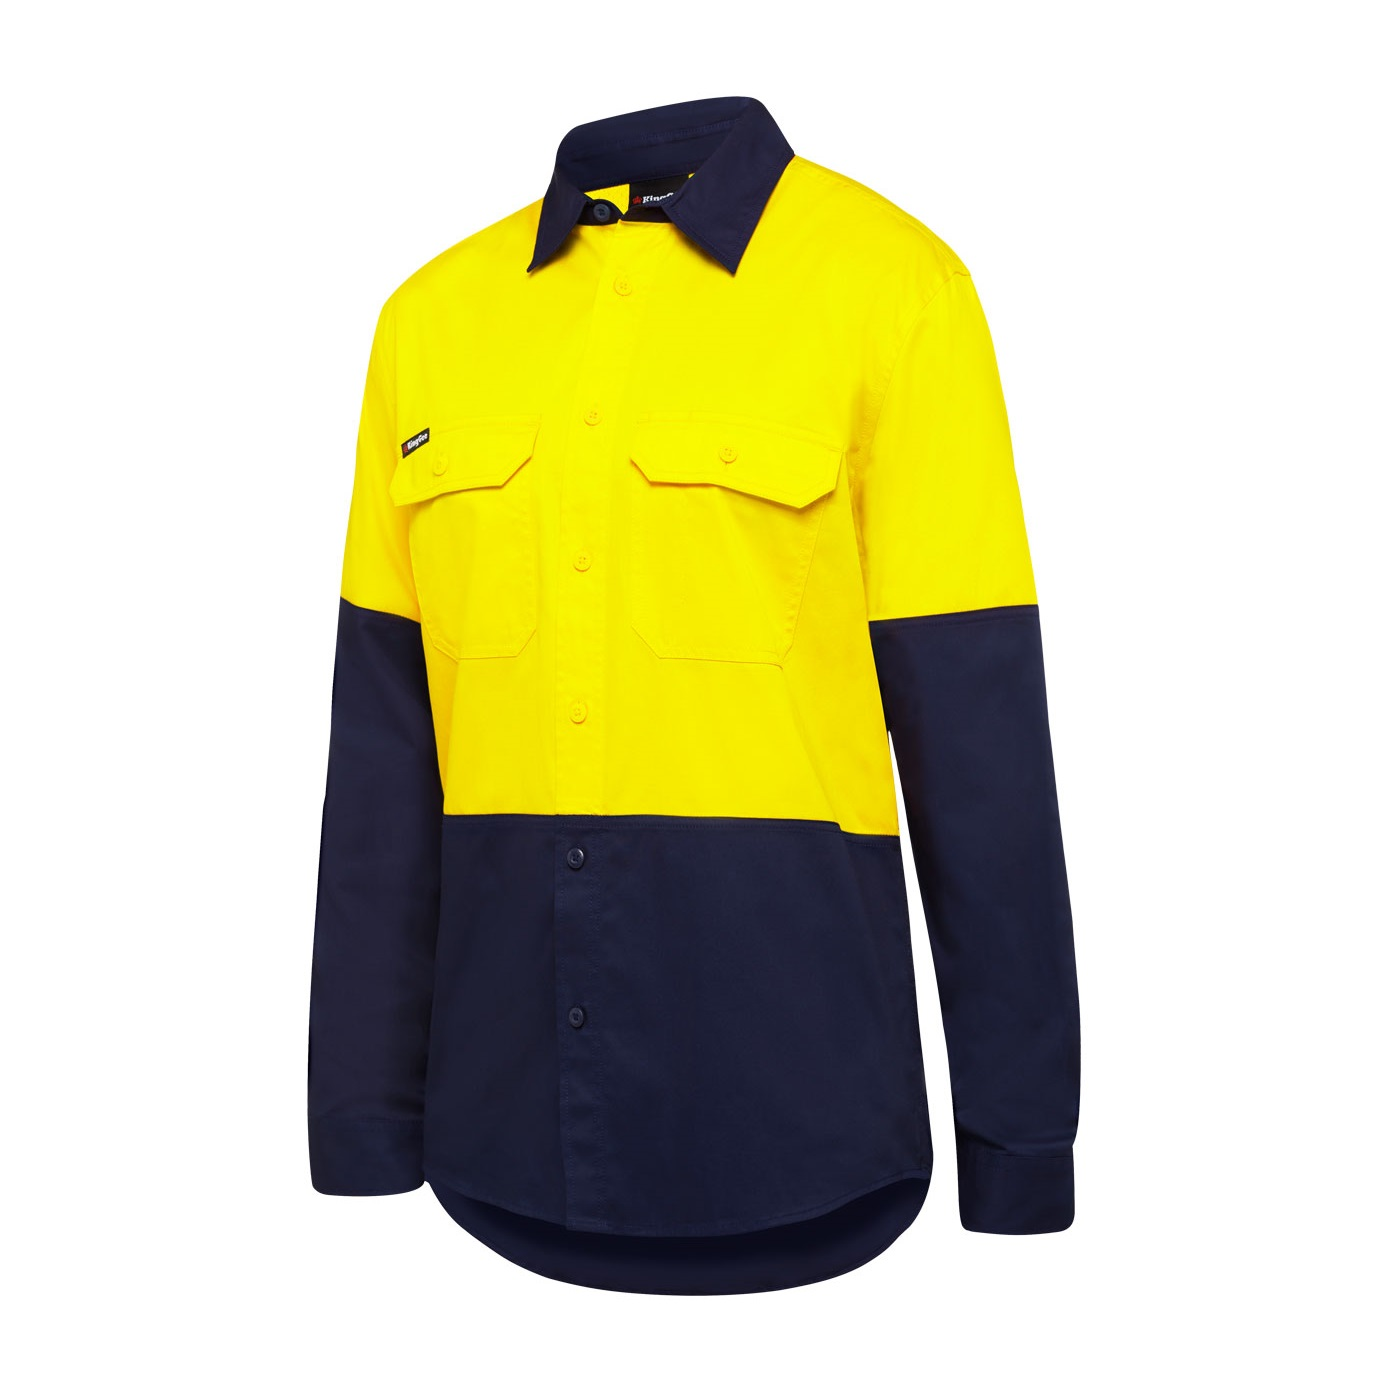 K04035-0-yellow_navy